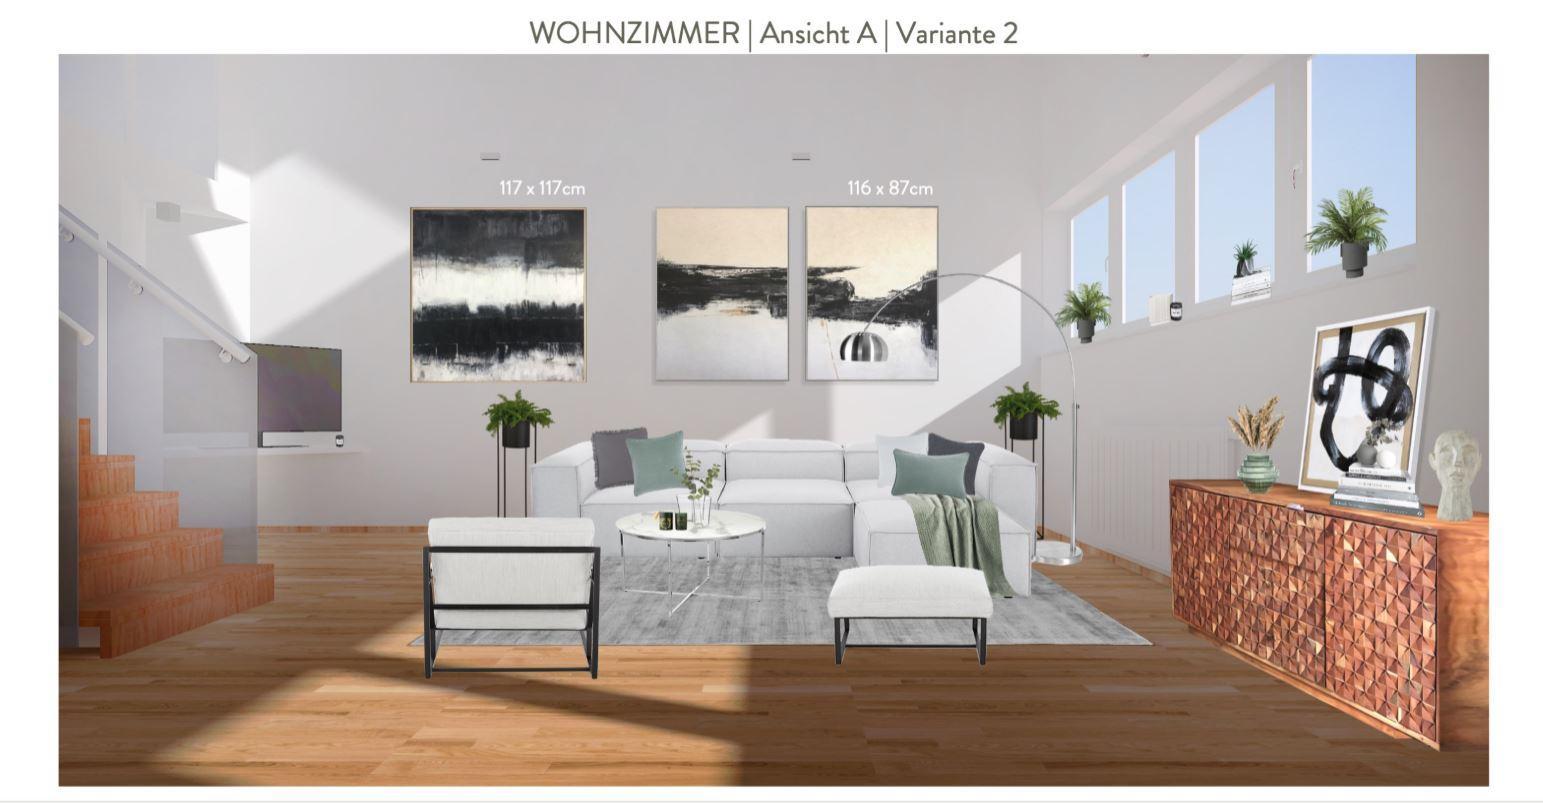 Wohnzimmer mit offener Kueche einrichten Entwurf Sofaecke Variante 2